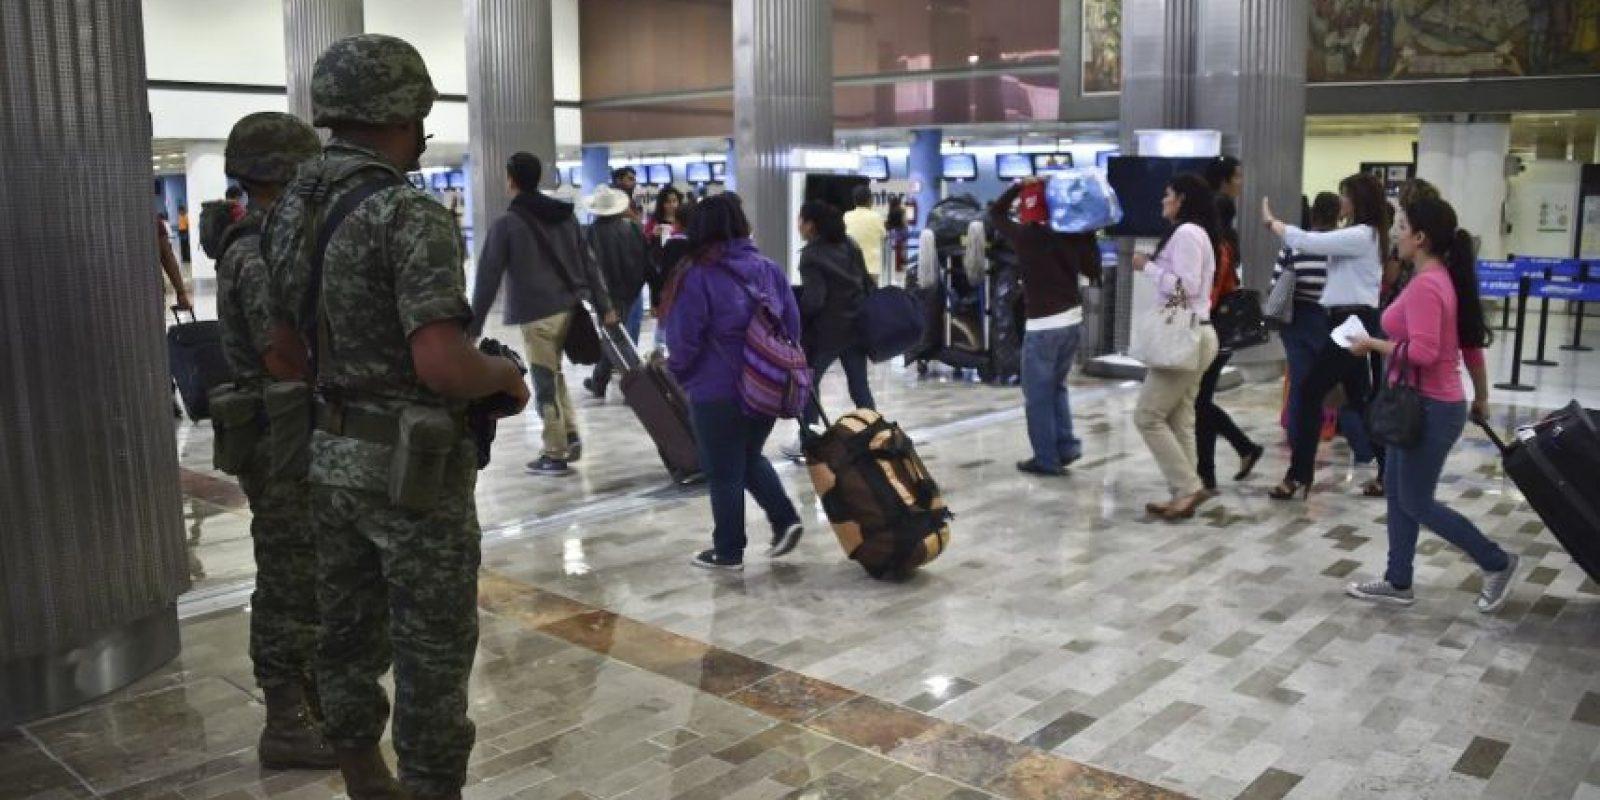 Autoridades mexicanas ofrecen 60 millones de pesos mexicanos por quien aporte información que lleve a la captrua del criminal Foto:AFP